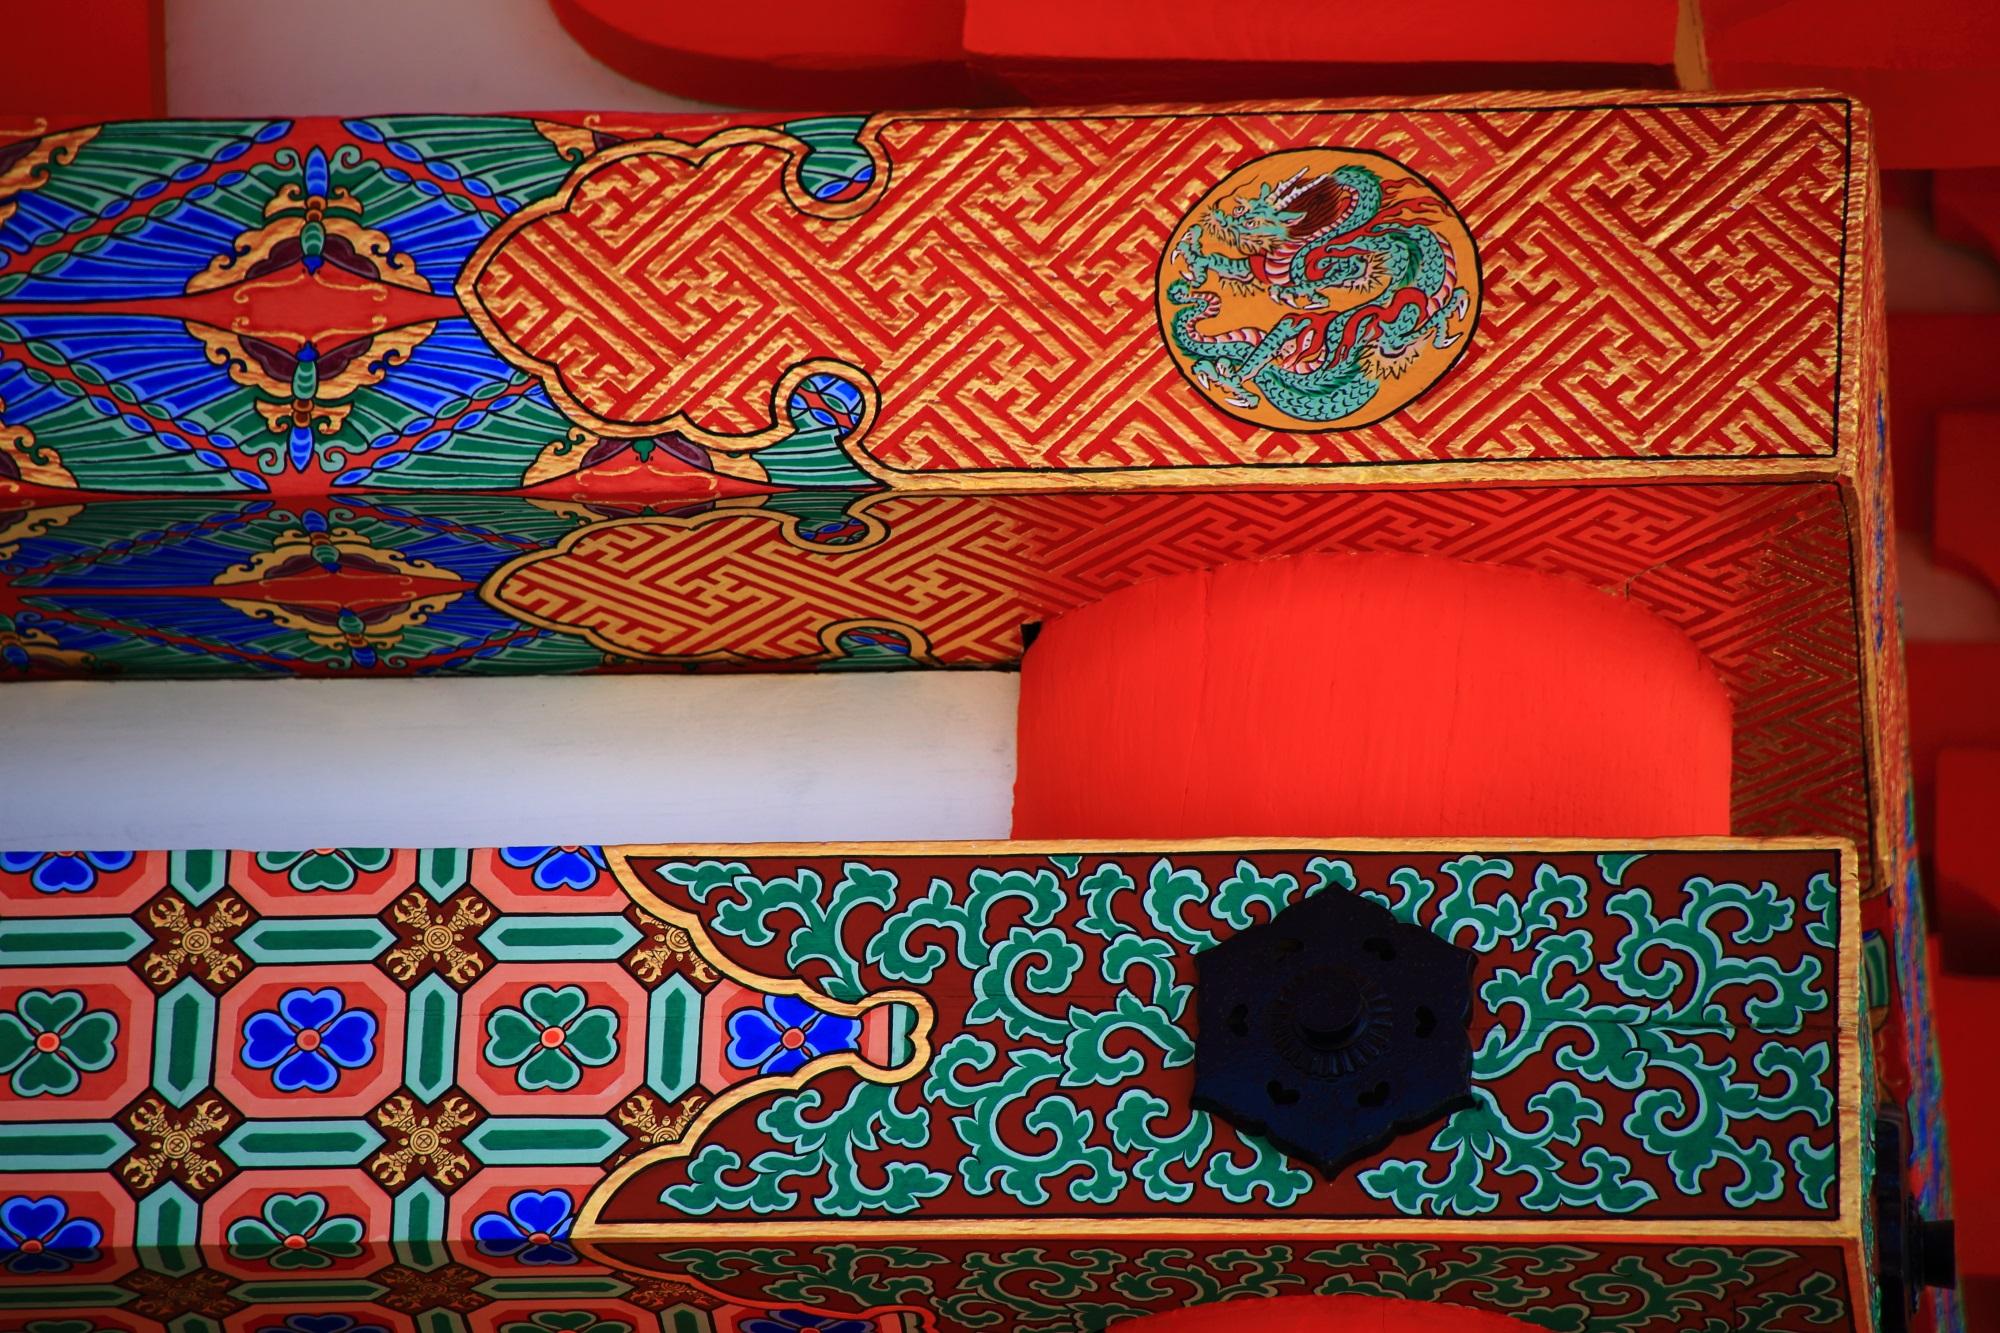 清水寺 三重塔 装飾 綺麗